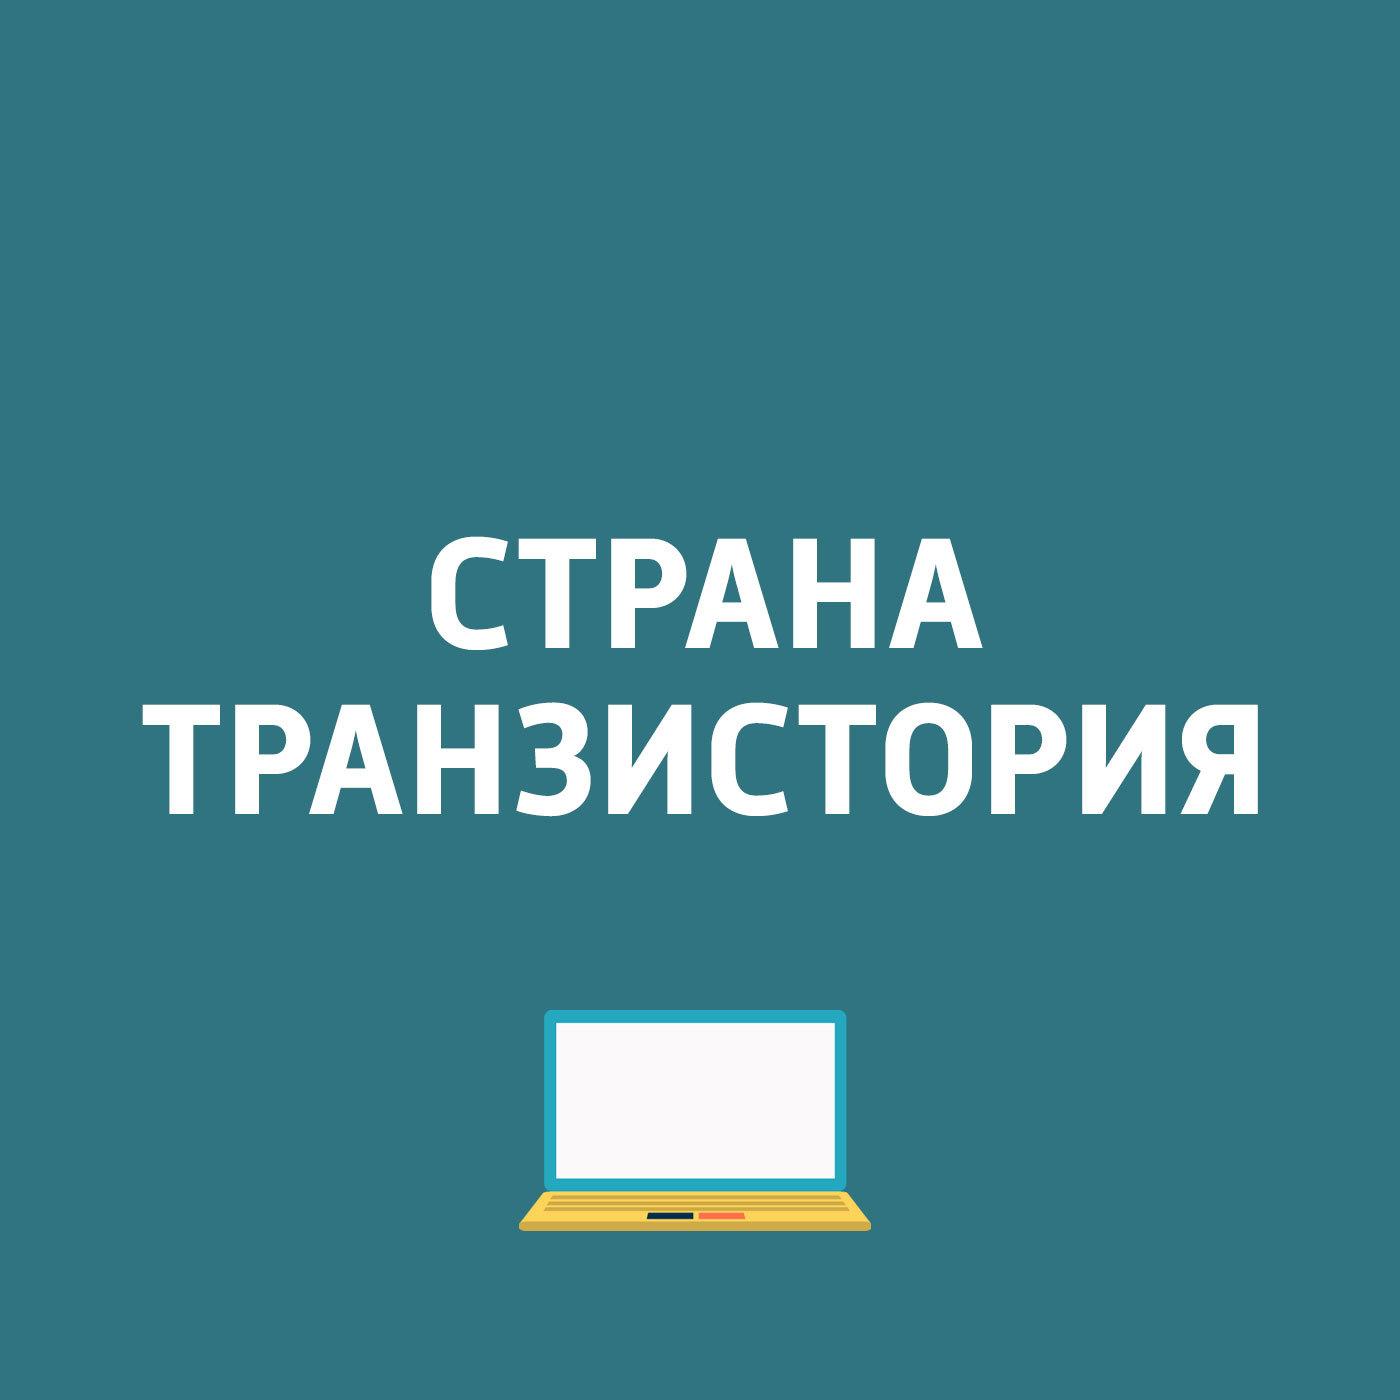 Картаев Павел Vernee представила смартфон; Выявлена проблема в менеджере паролей Keeper; Google закрывает Tango; Трейлер «Восстание игры Far Cry 5 картаев павел в конце сентября в москве продет очередной игромир и comic con russia